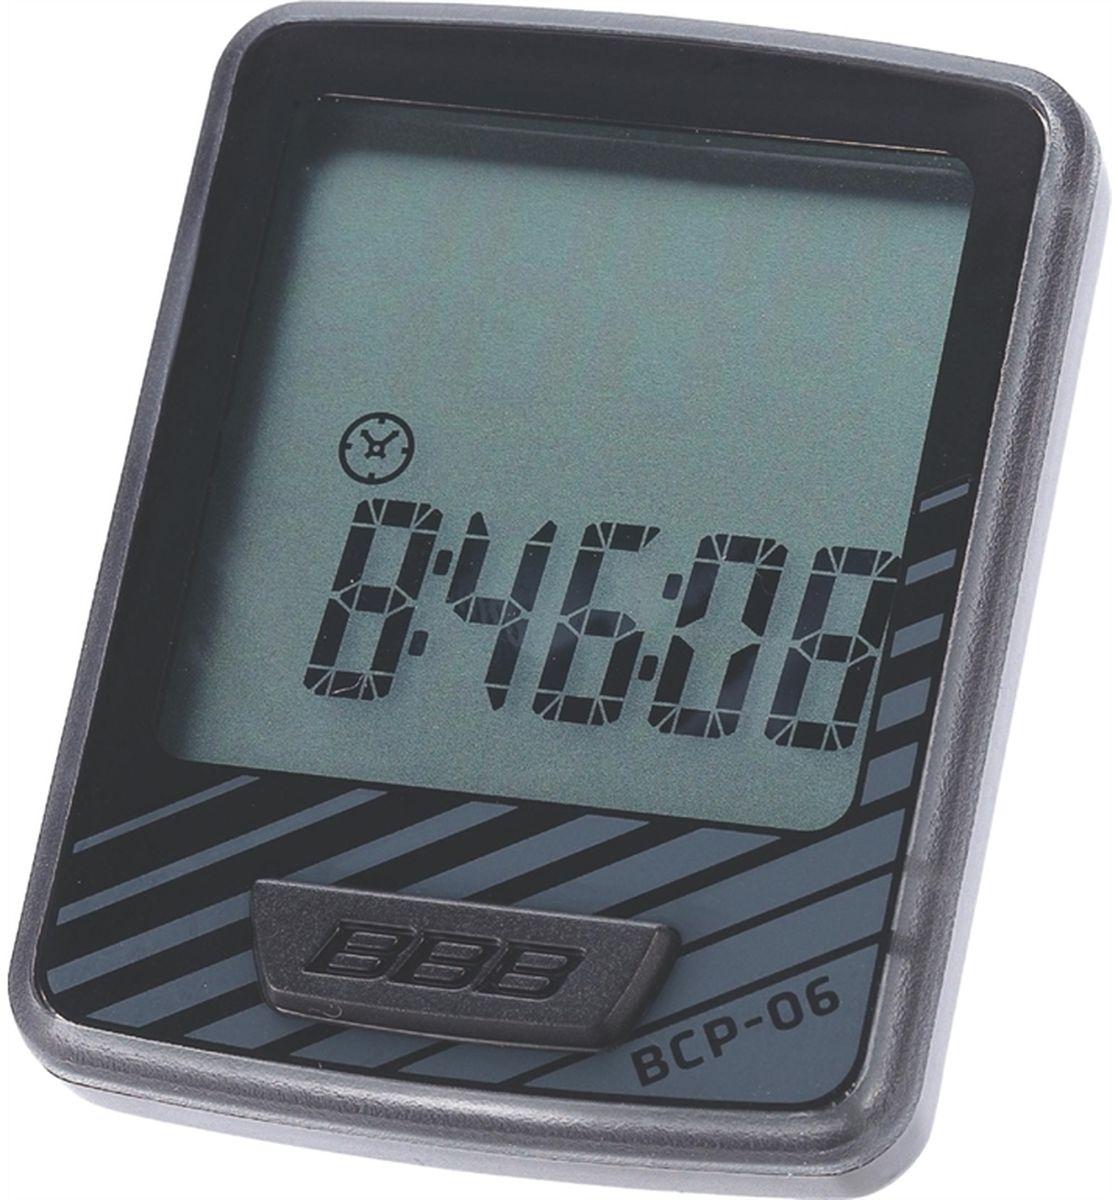 Велокомпьютер BBB DashBoard , цвет: черный, серый, 10 функций